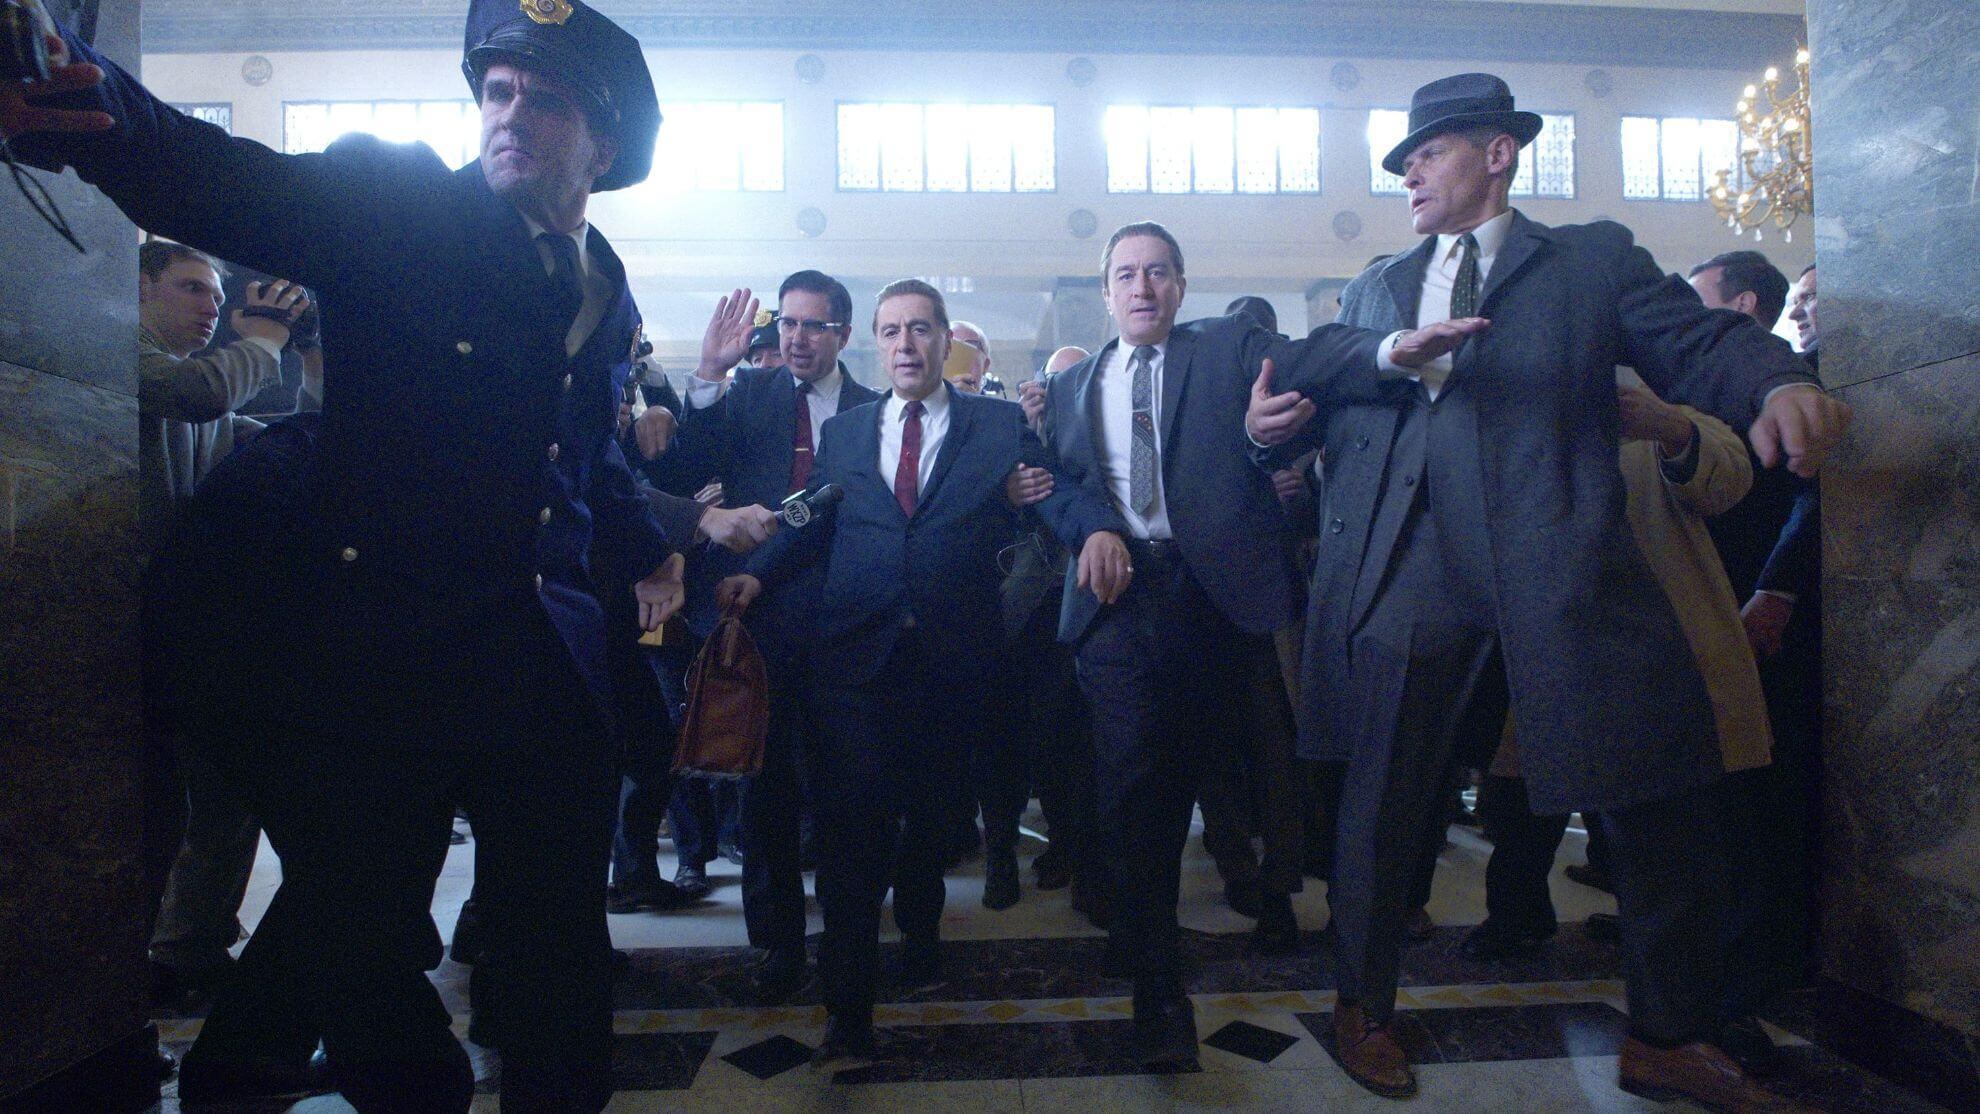 Movie Still from The Irishman